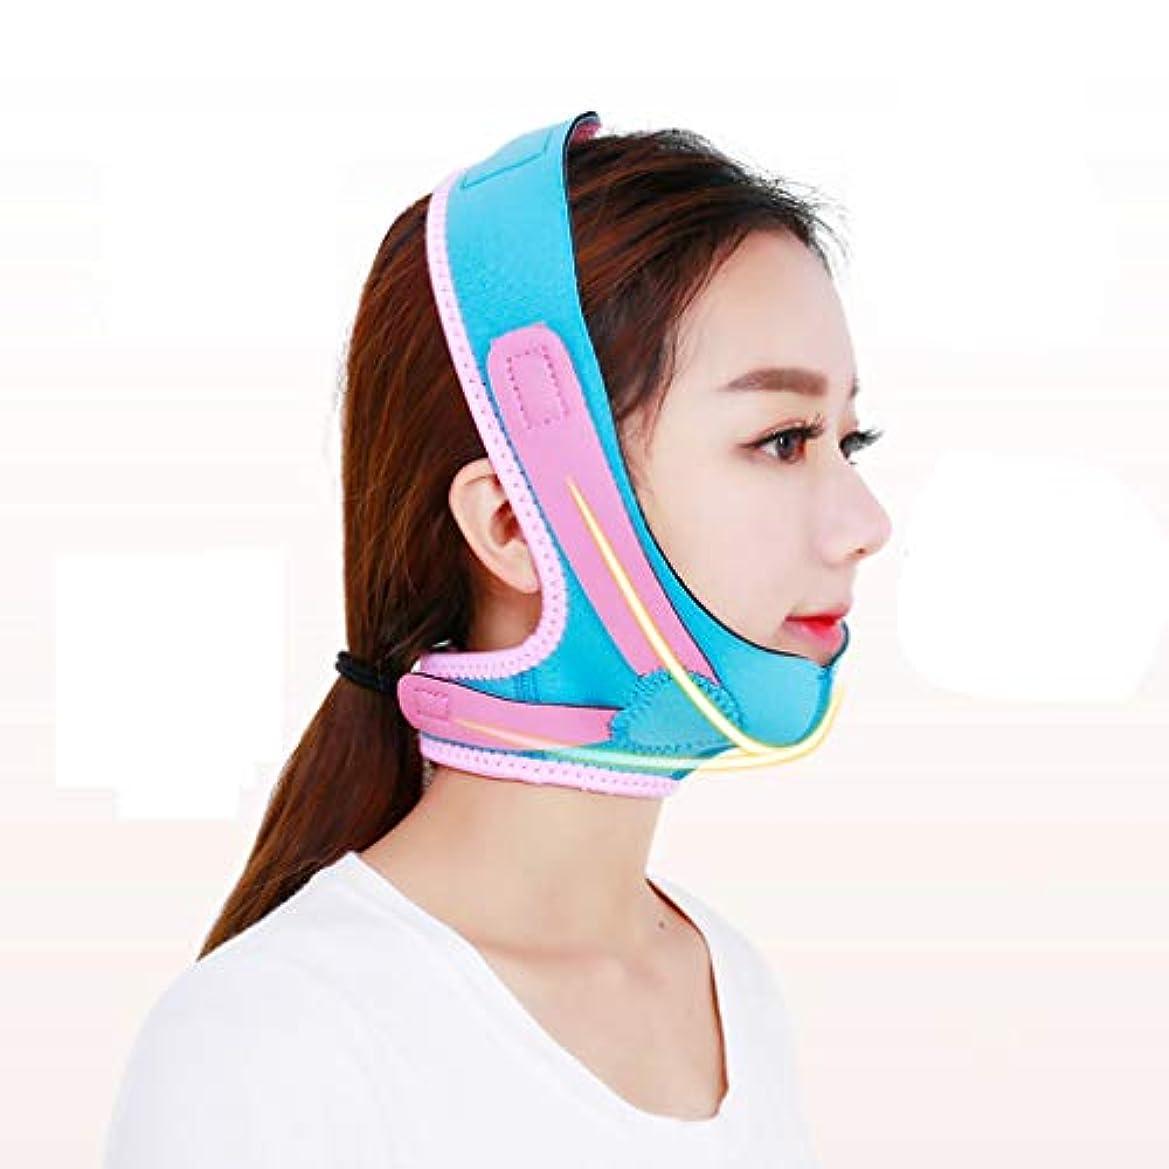 無駄に投げる疲労顔の重量の損失の顔の計器の包帯小さな顔のステッカーの女性の睡眠の顎セット